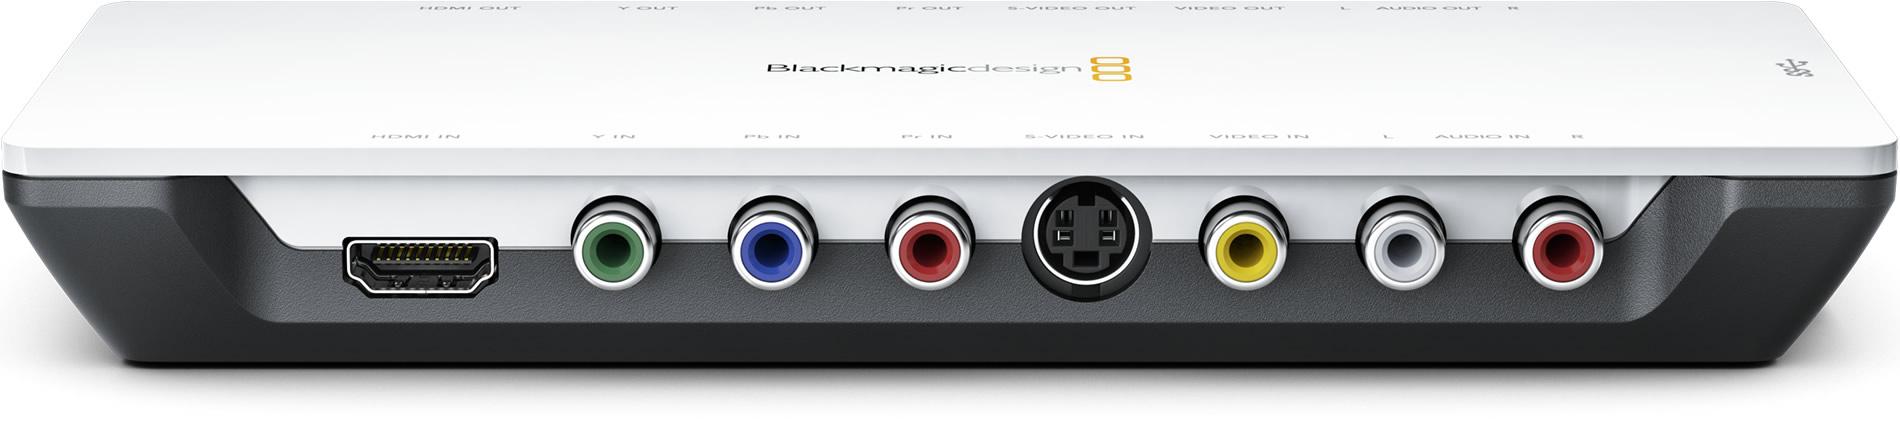 Blackmagic Design Edius